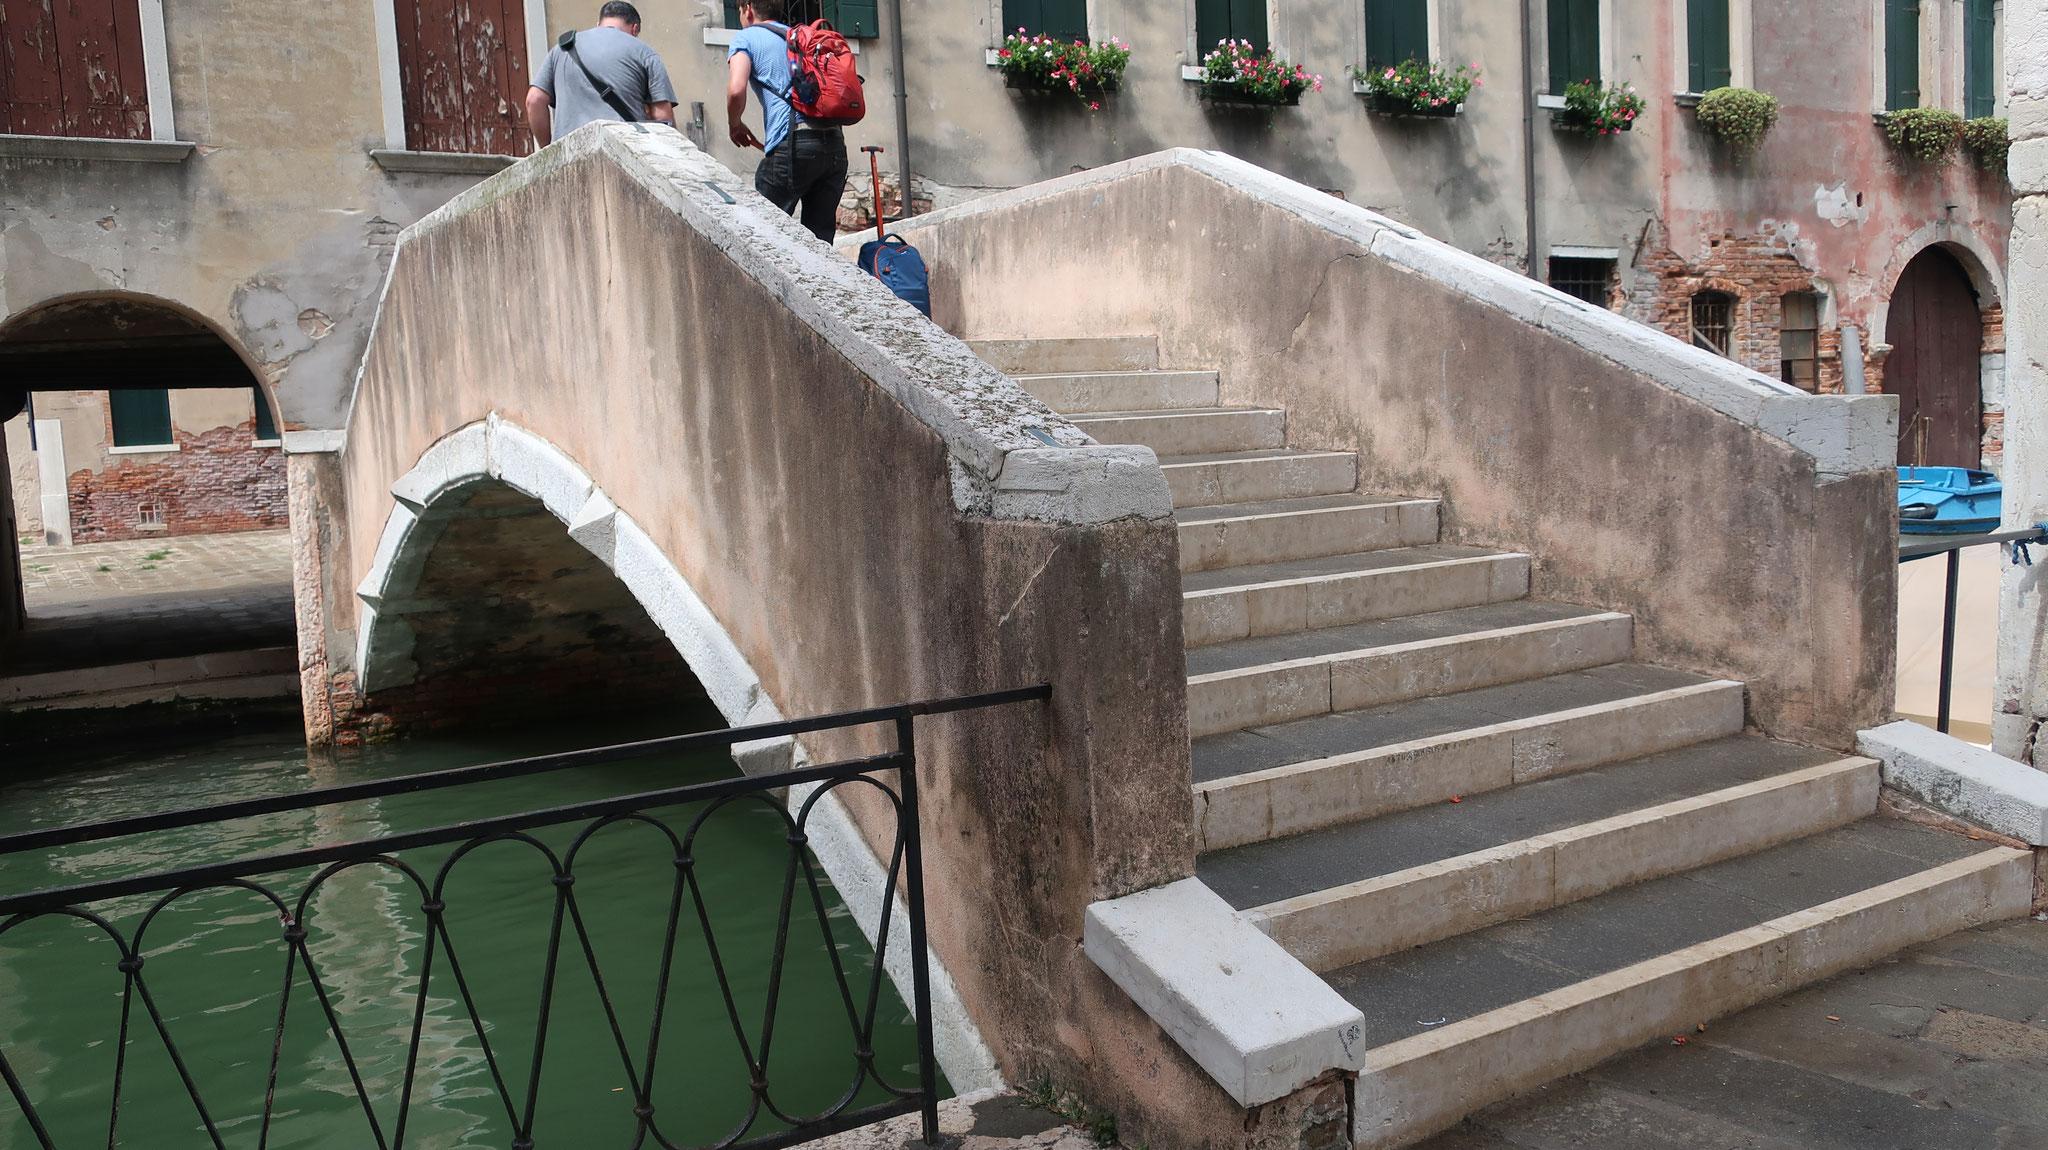 解剖教室の前にある橋は「解剖橋」と呼ばれています。